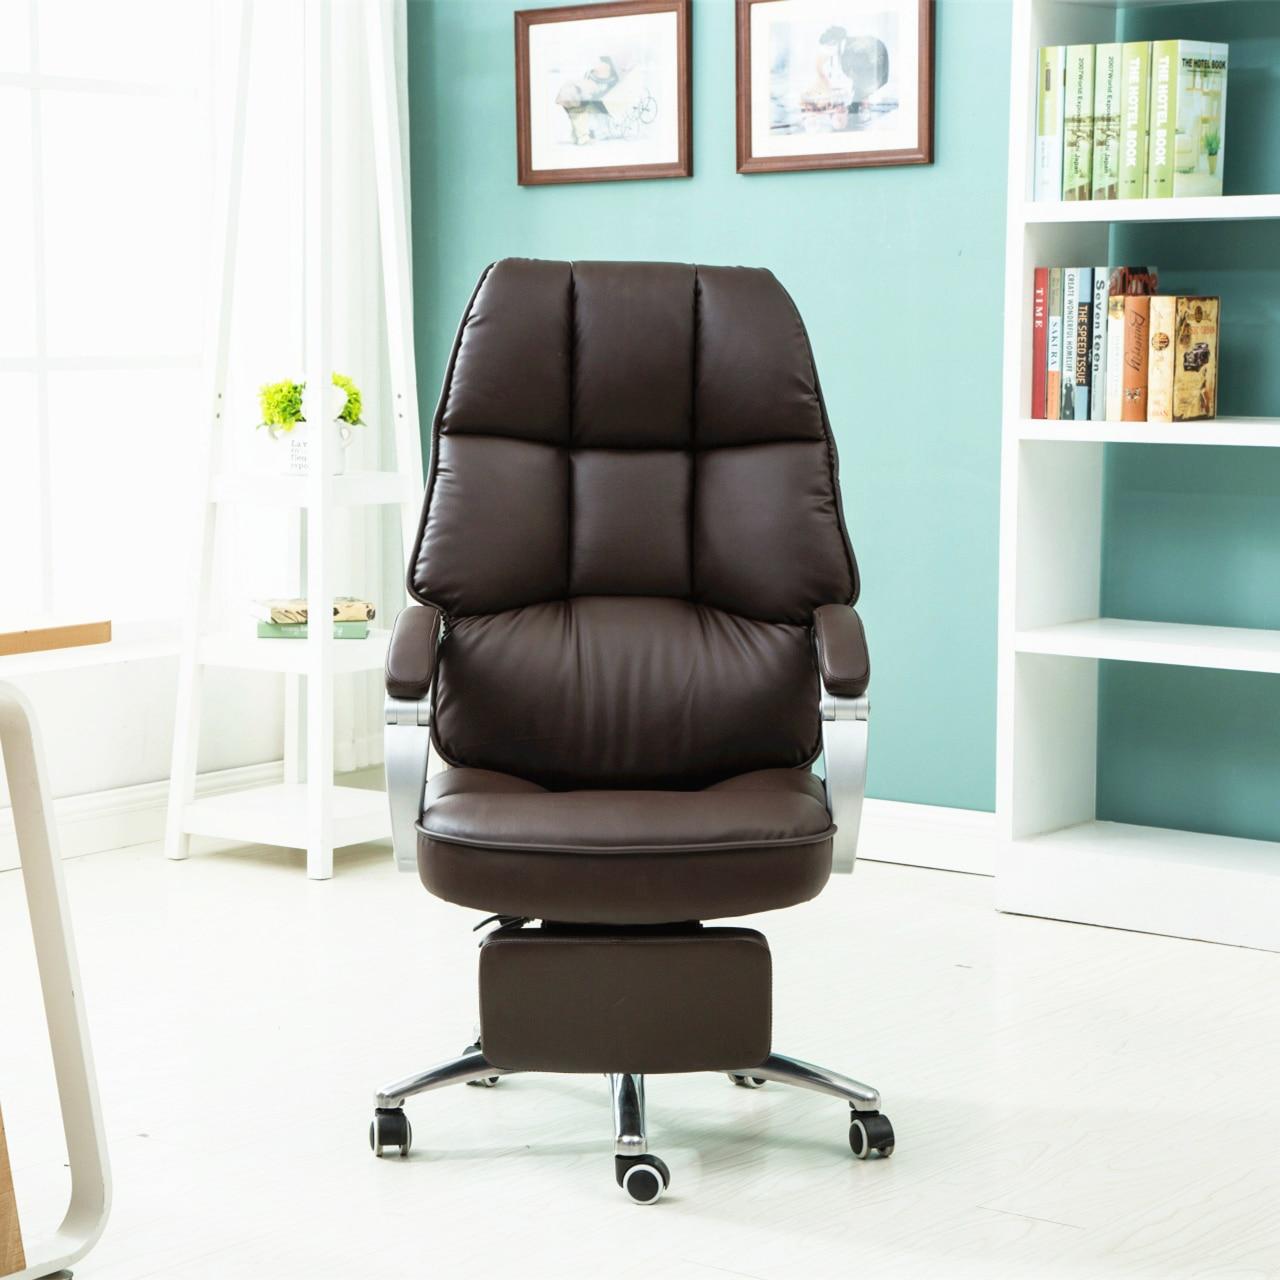 Loisirs Mode de De luxe Bureau Levage Ménage Moderne Patron MzVUSp